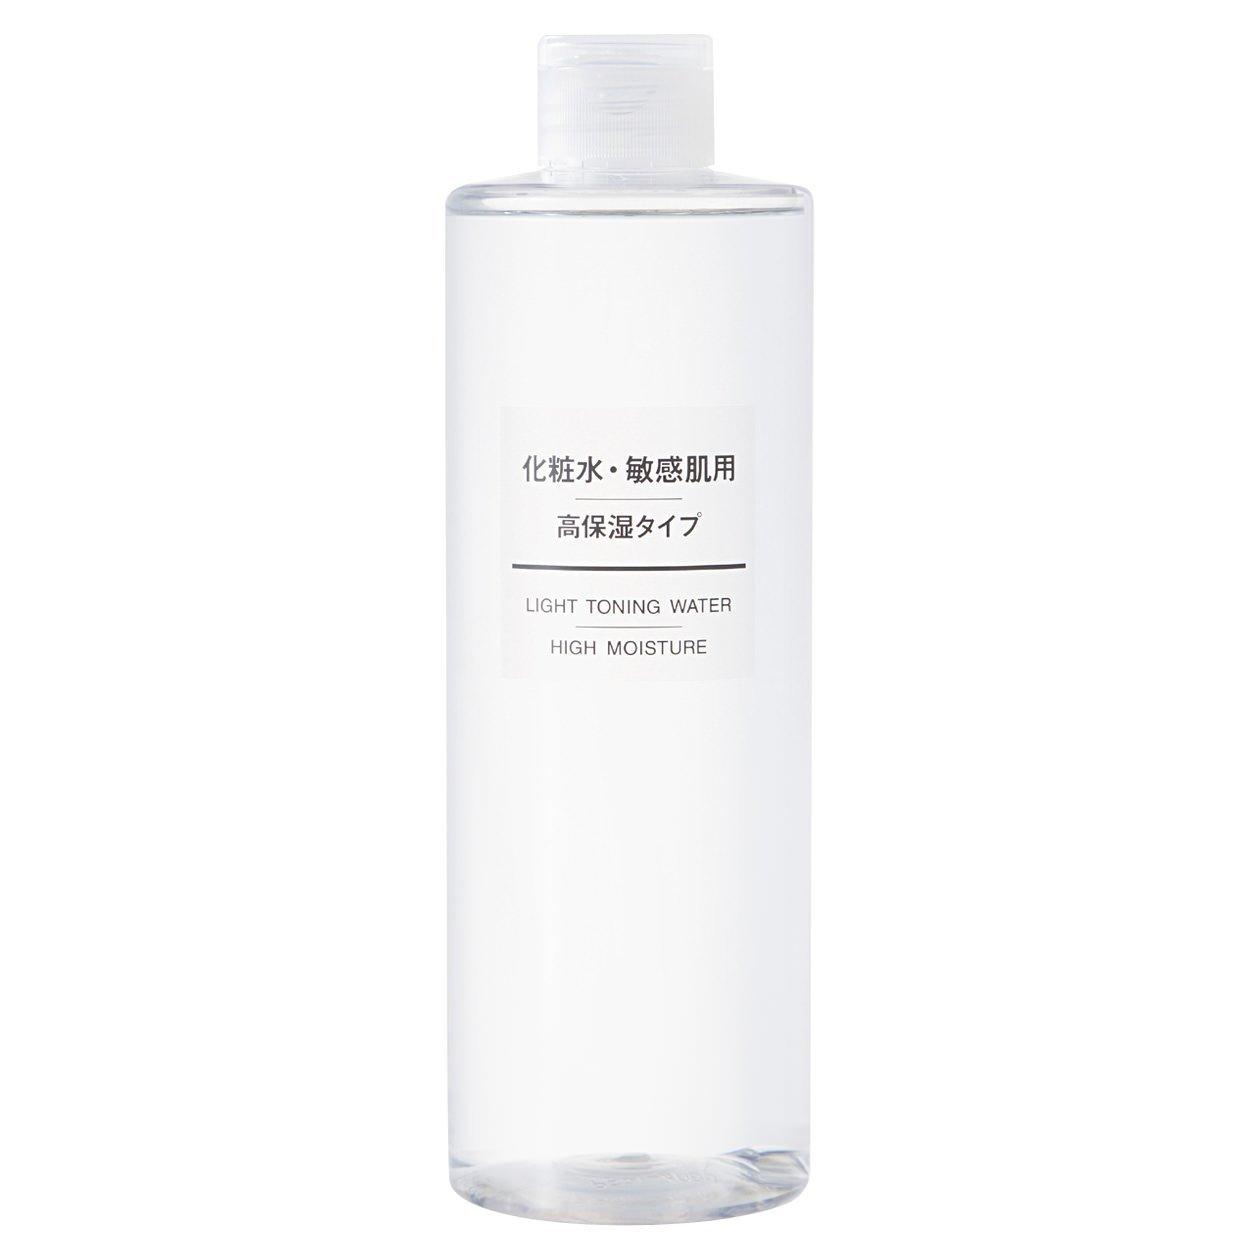 1位. 無印良品 化粧水 敏感肌用 高保湿タイプ